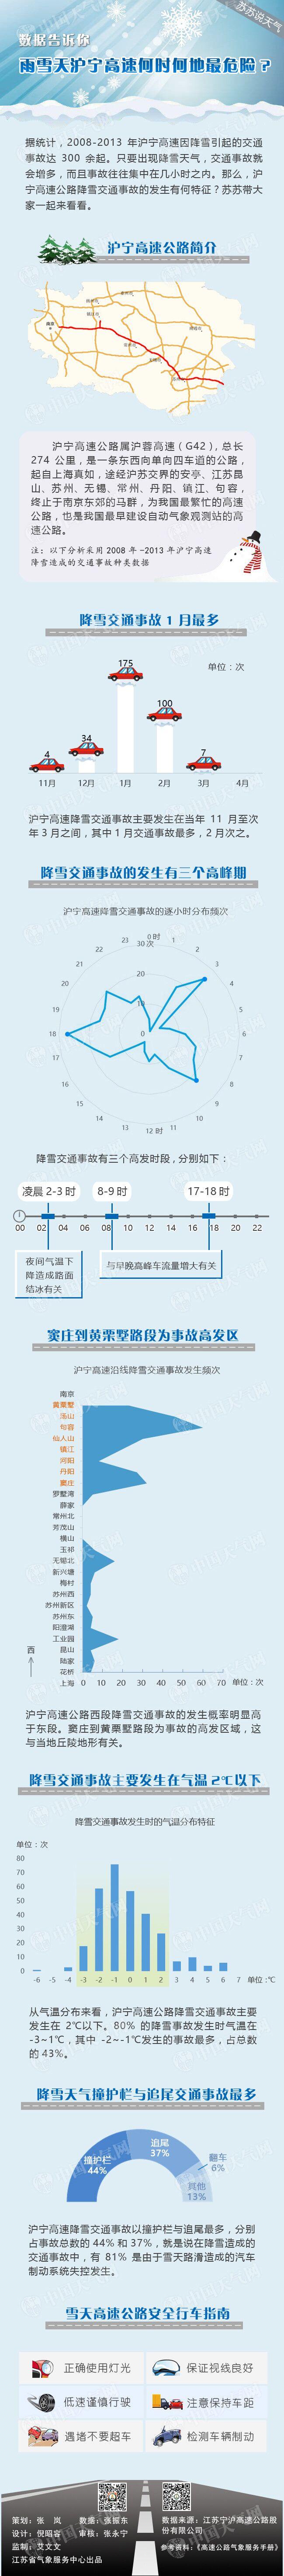 数据告诉你----雨雪天沪宁高速何时何地最危险?